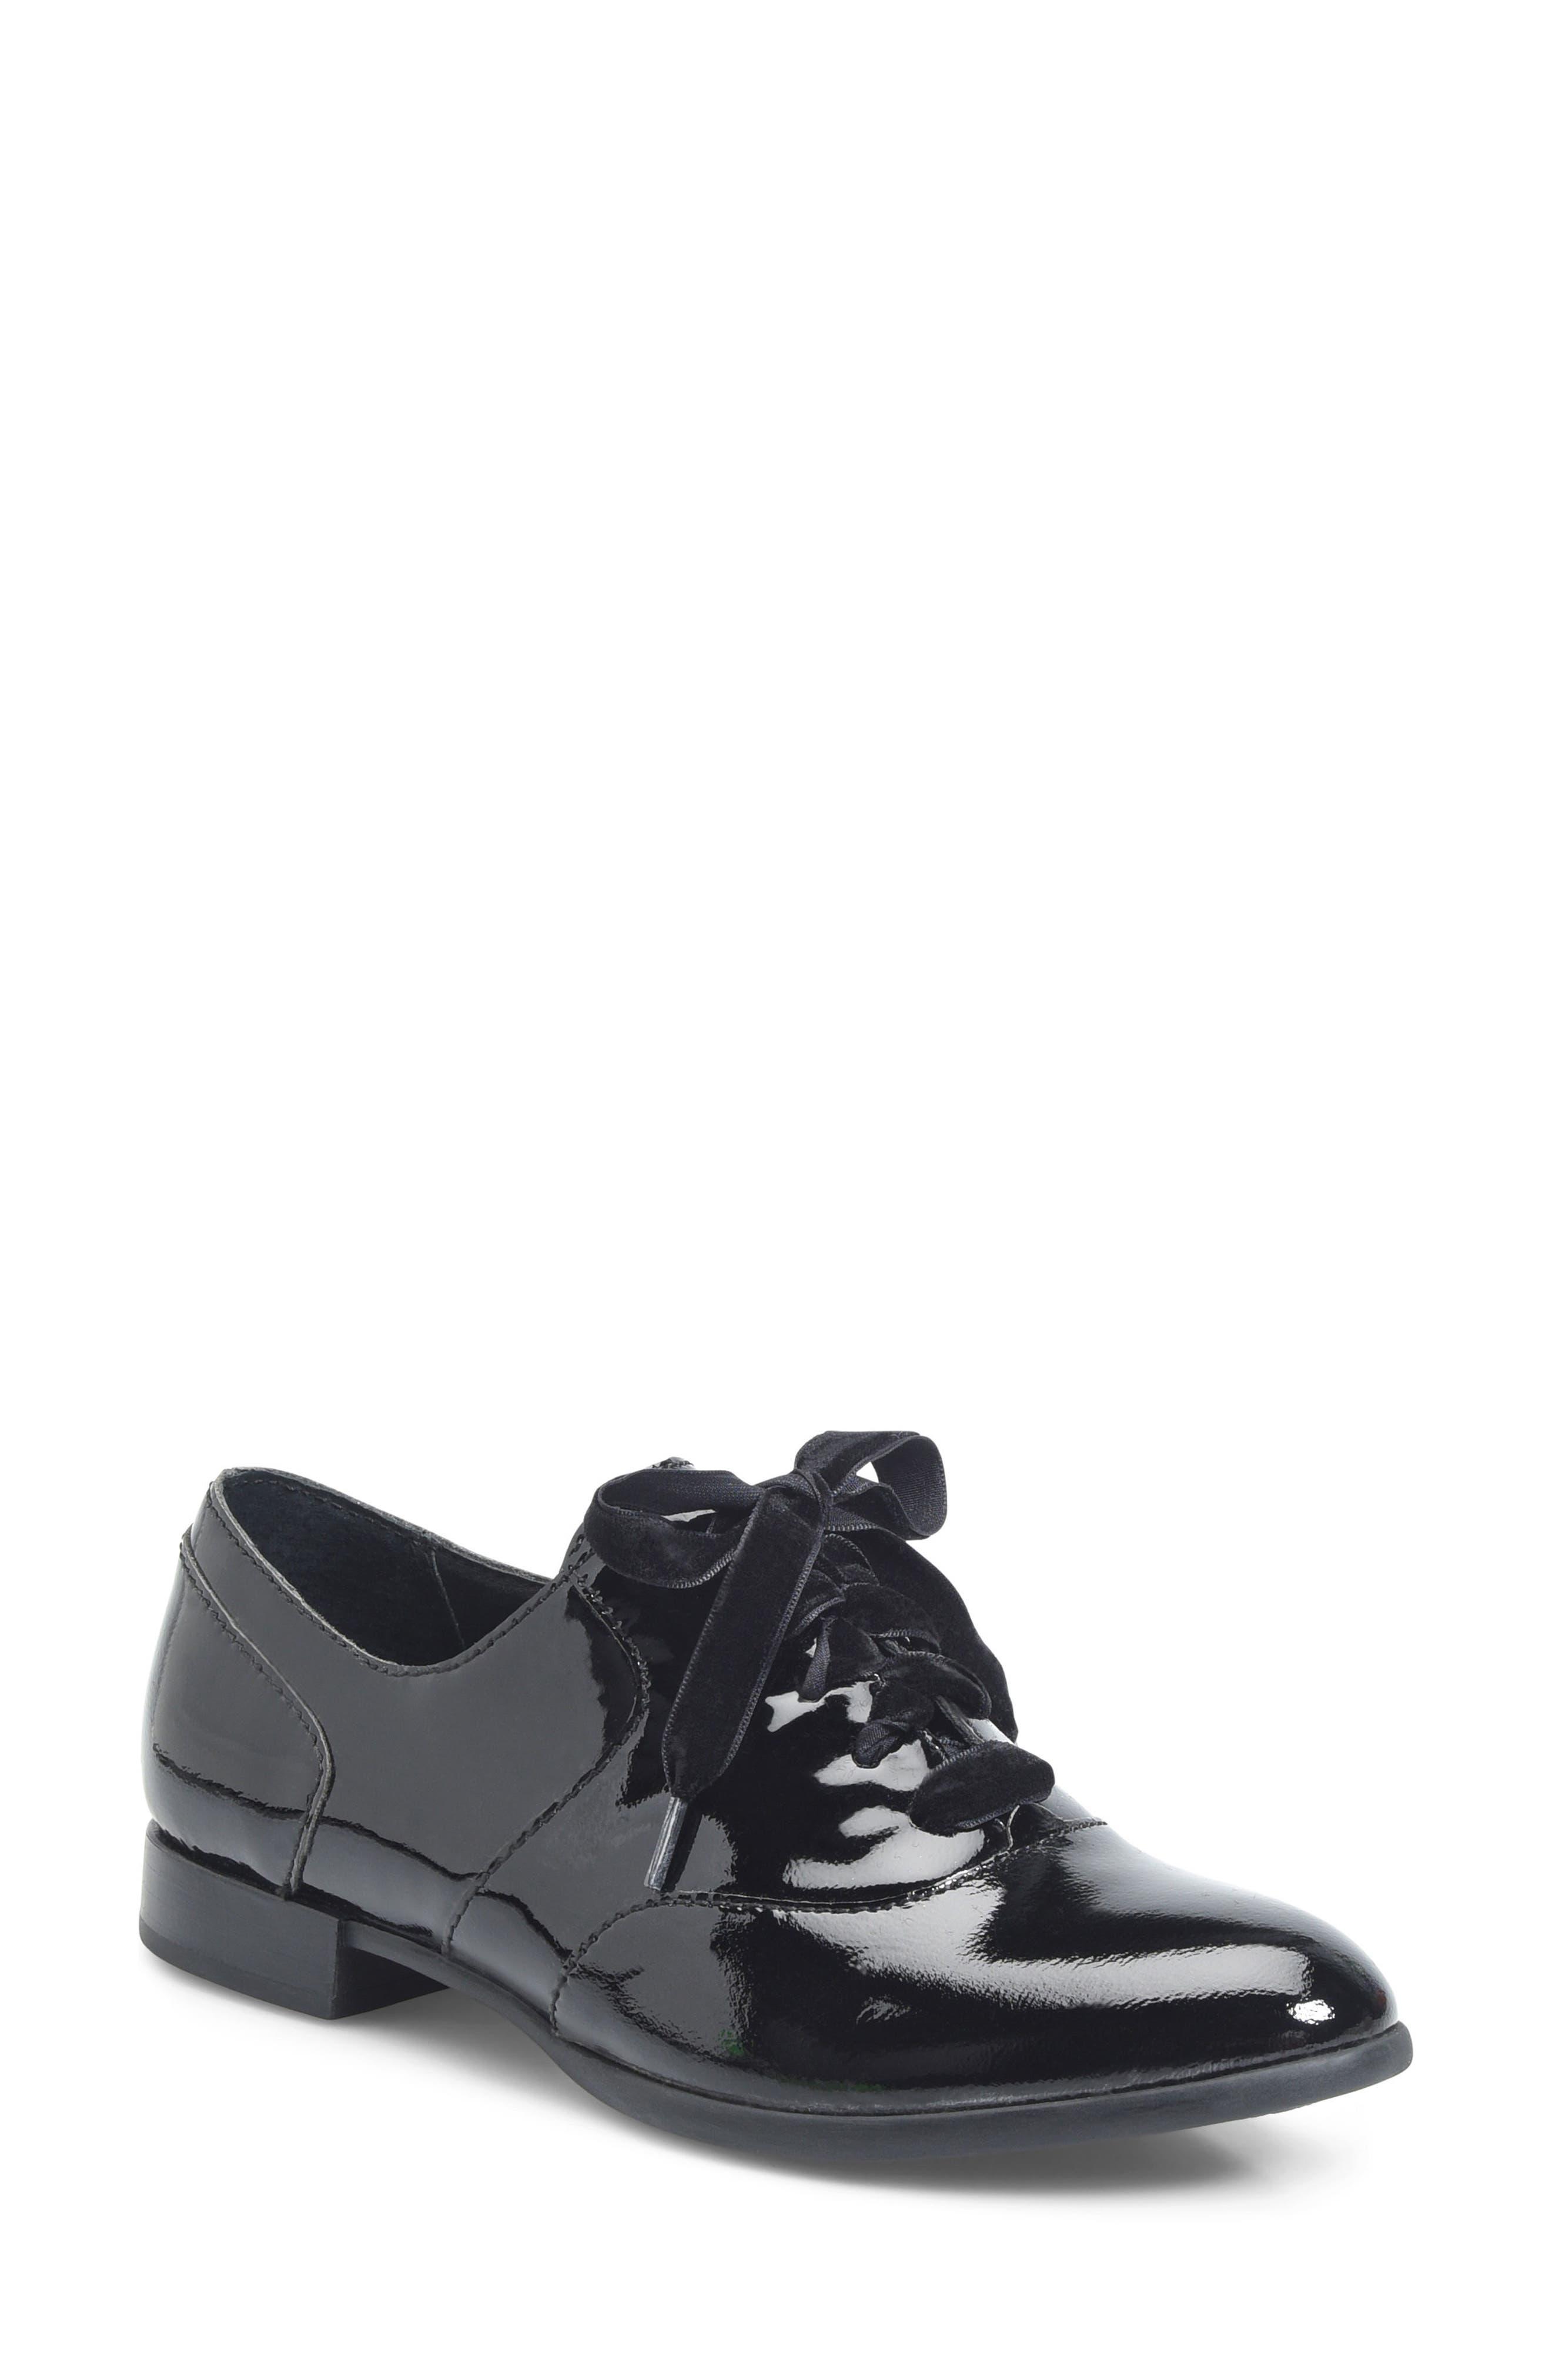 Eden Flat,                         Main,                         color, Black Patent Leather